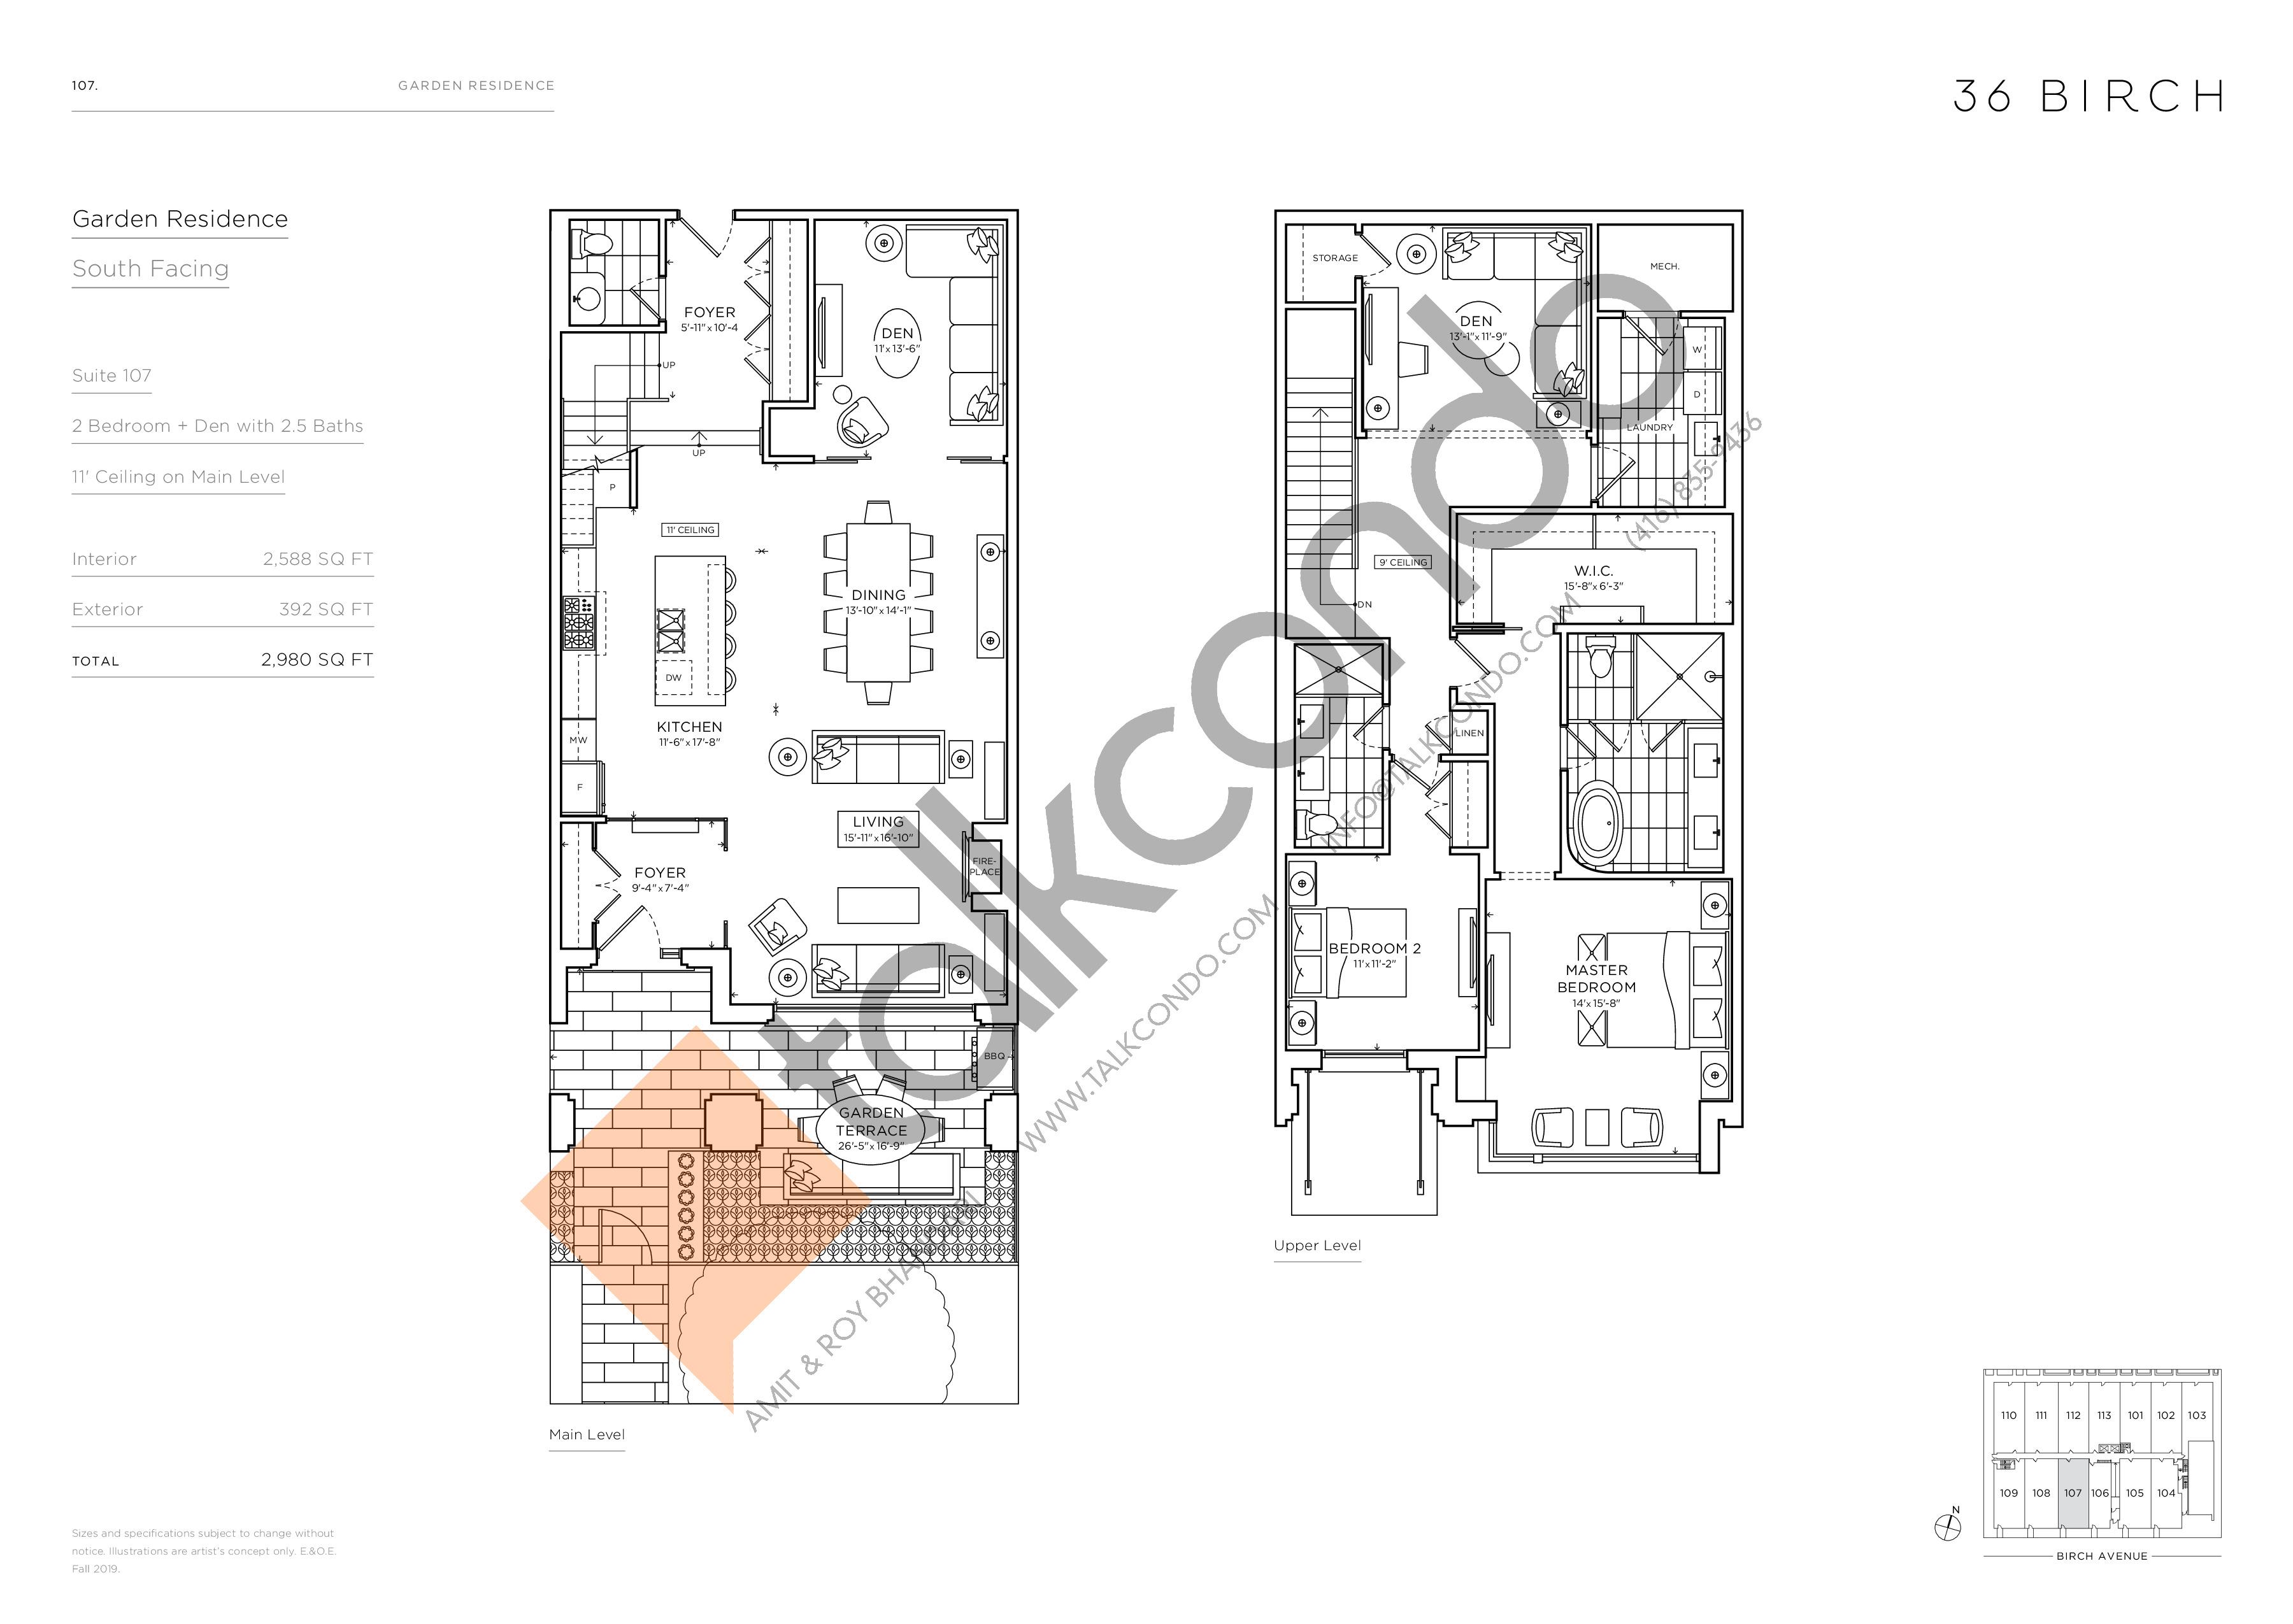 107 - Garden Residences Floor Plan at 36 Birch Condos - 2588 sq.ft